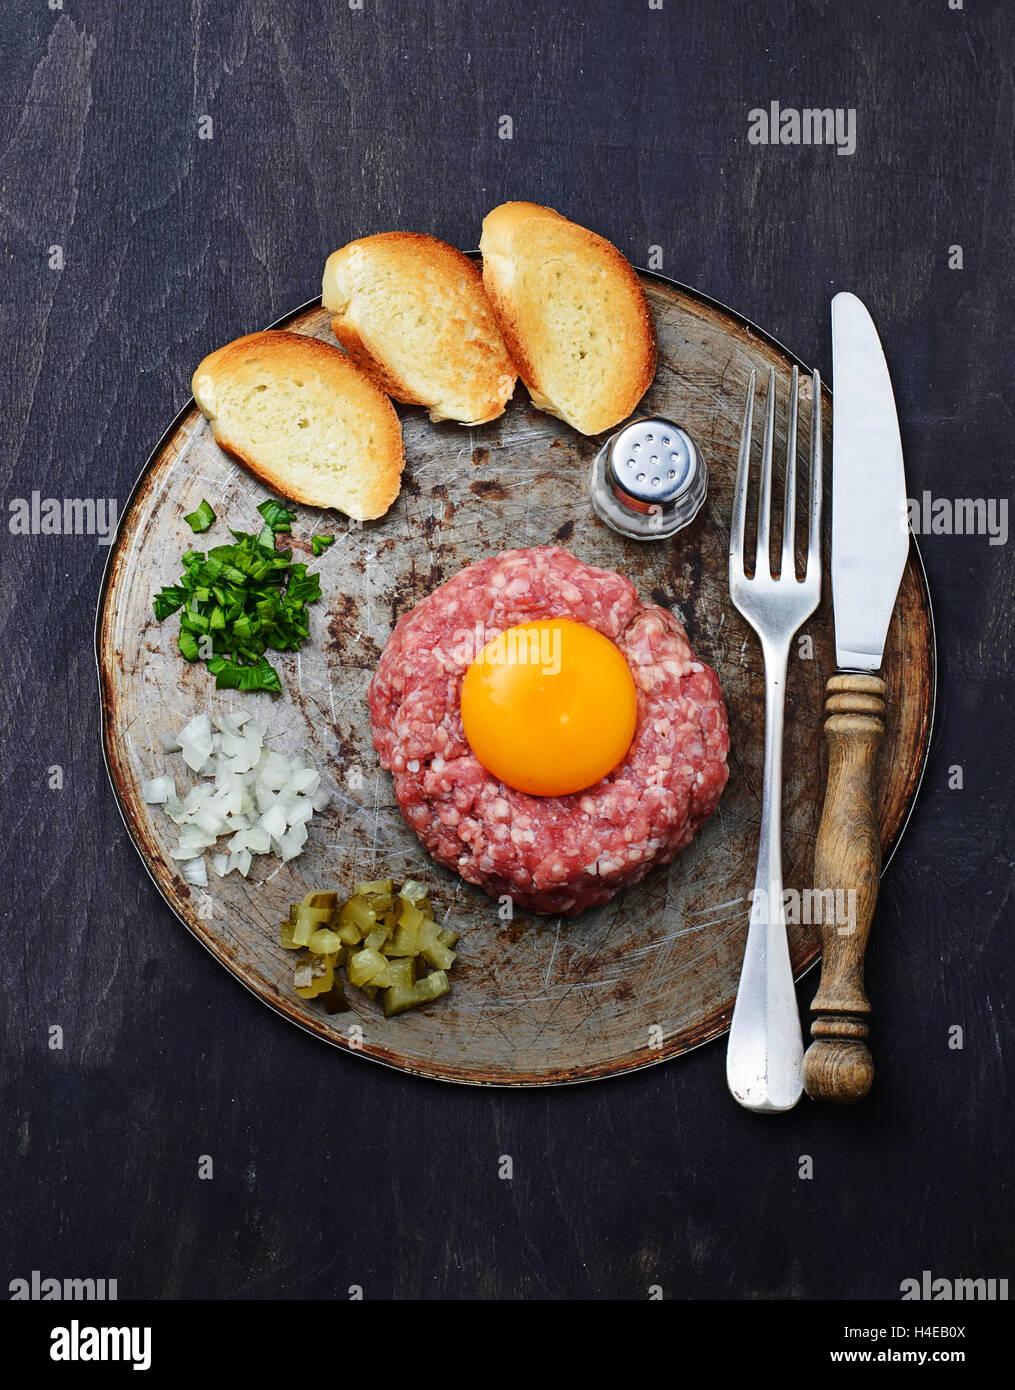 Frisches Rindfleisch-Tartar mit Ei, Gewürzgurken und Zwiebel. Selektiven Fokus Stockbild